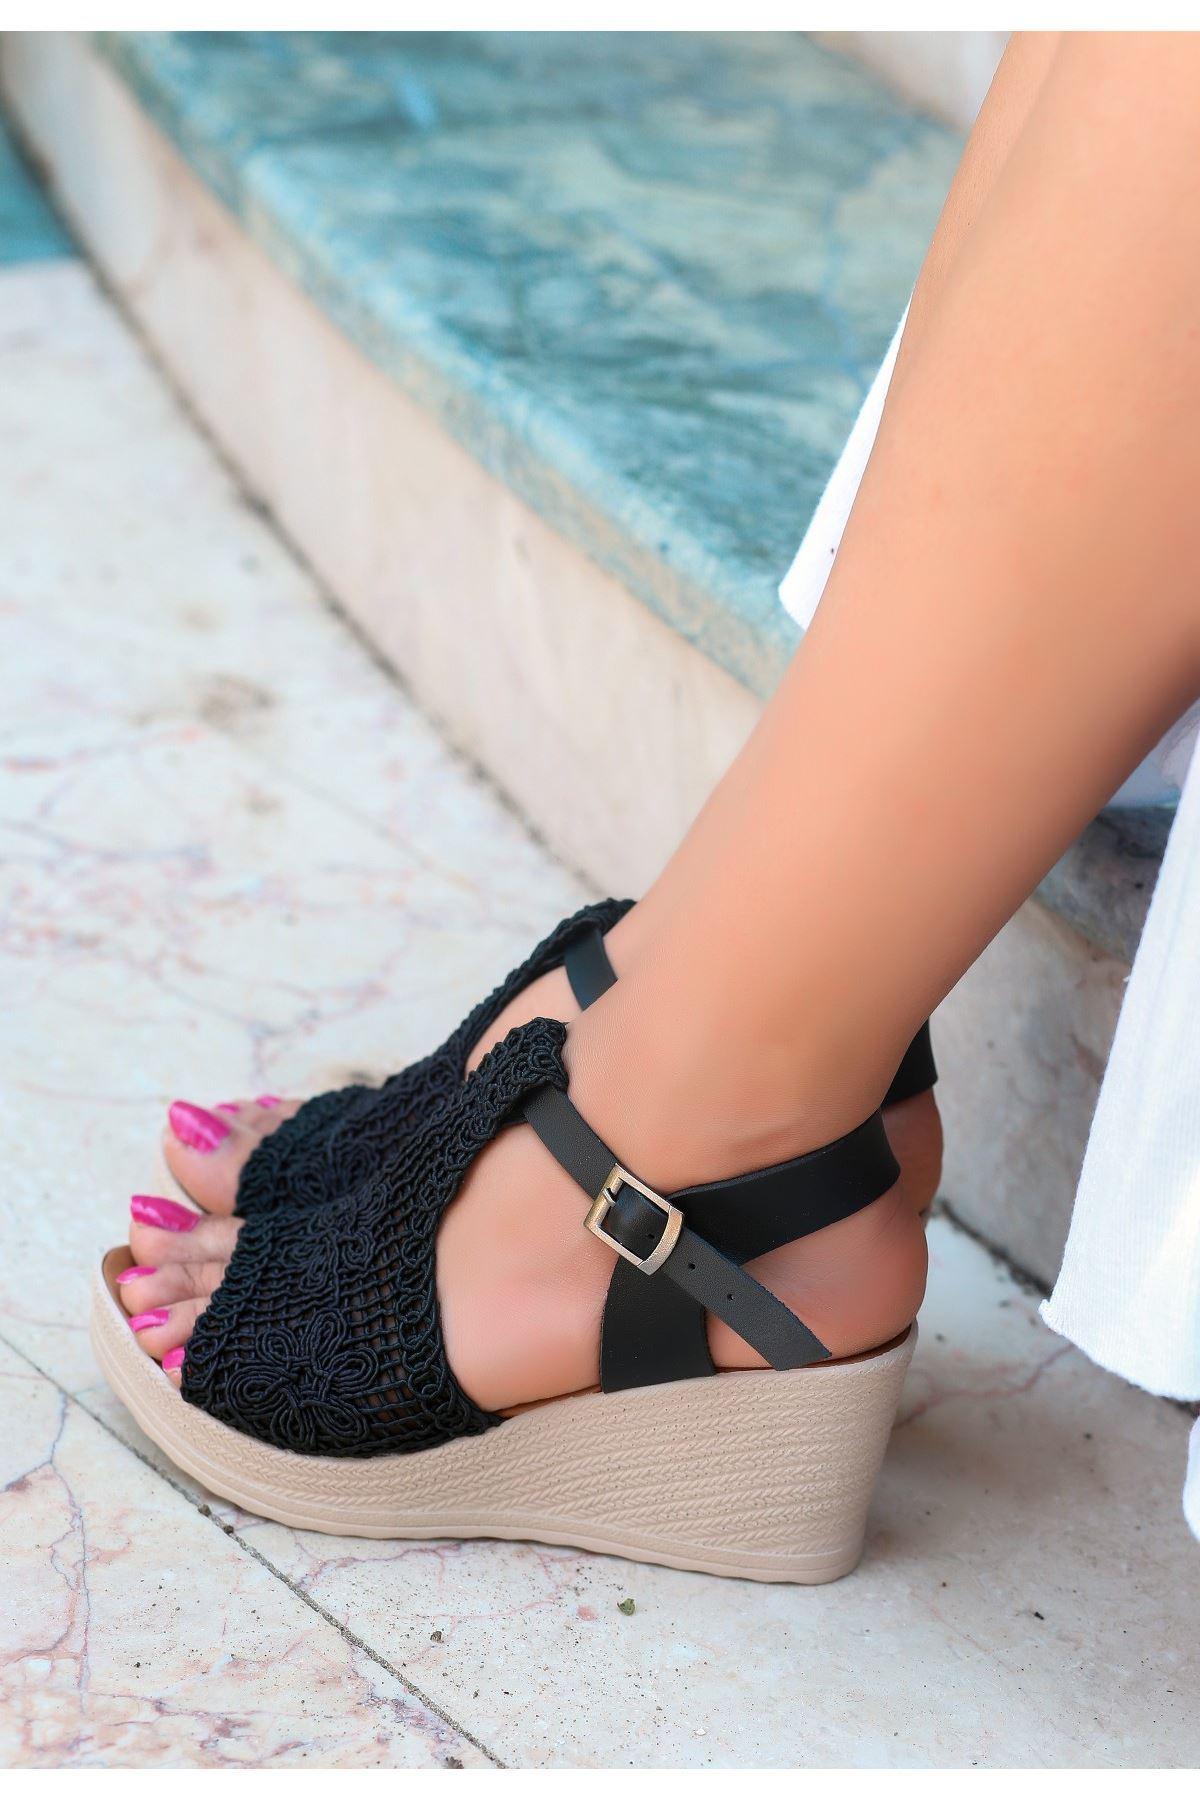 Simo Siyah Örgülü Dolgu Topuk Sandalet